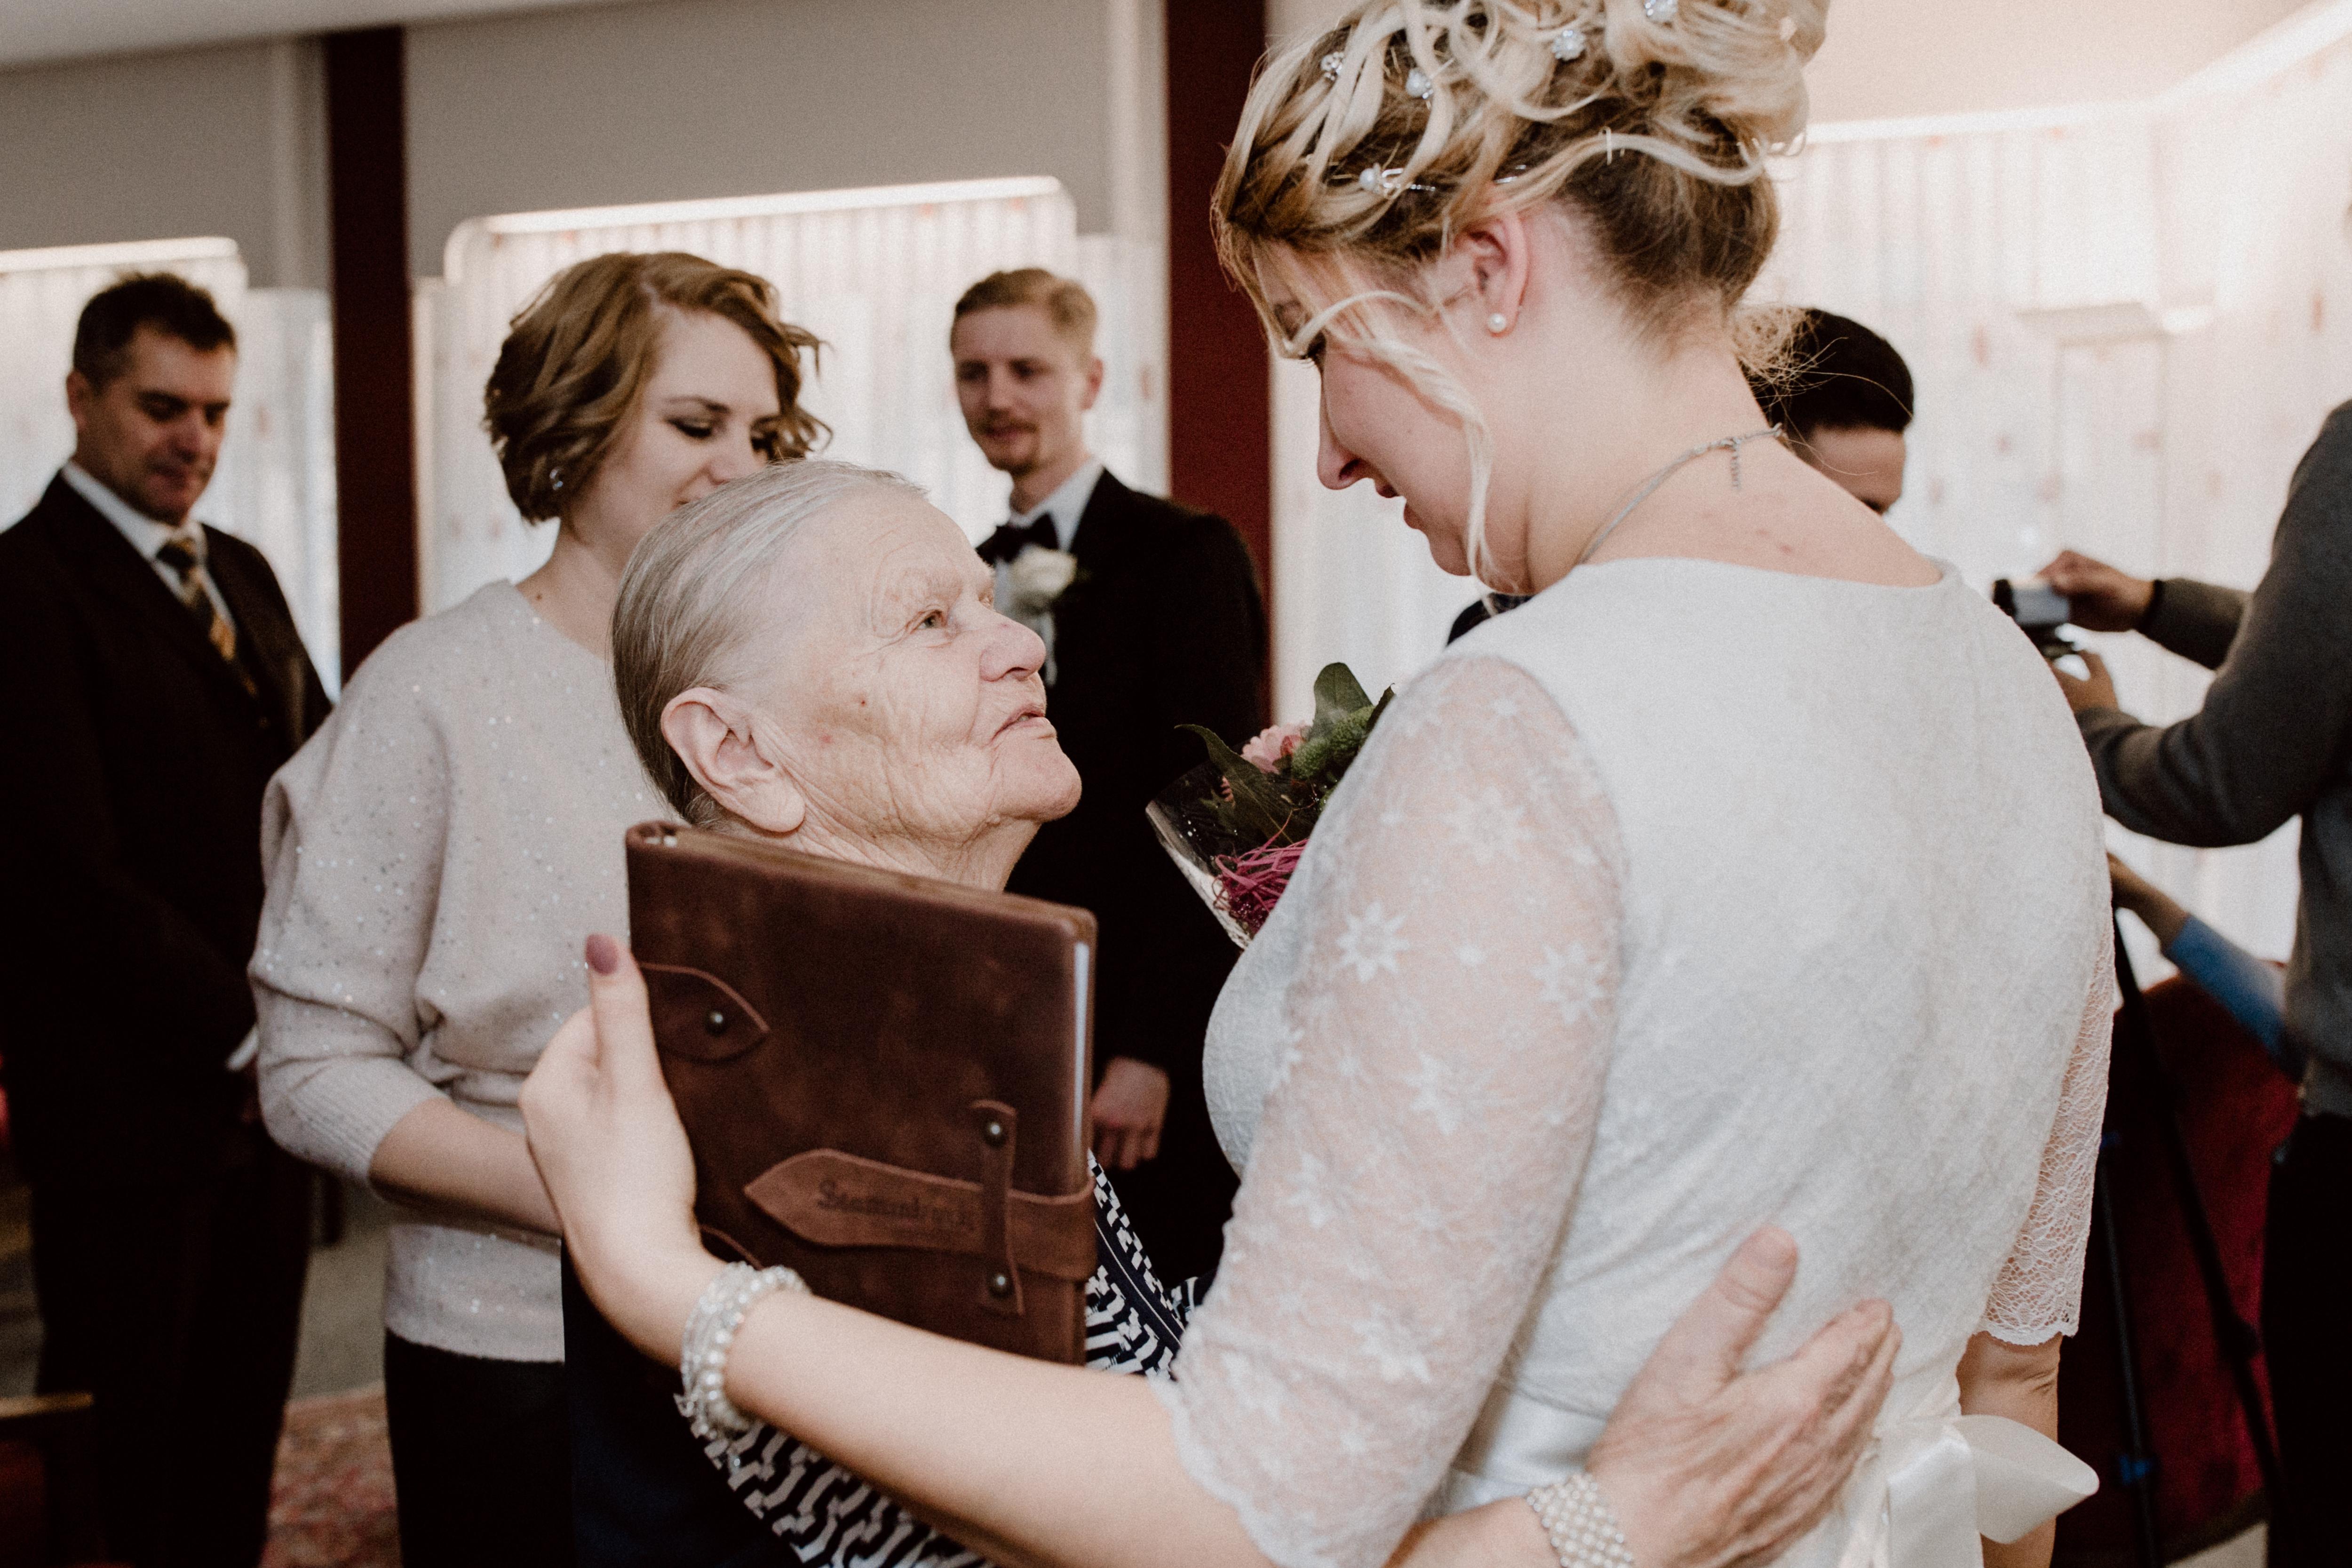 URBANERIE_Daniela_Goth_Hochzeitsfotografin_Nürnberg_Fürth_Erlangen_Schwabach_171110_0202